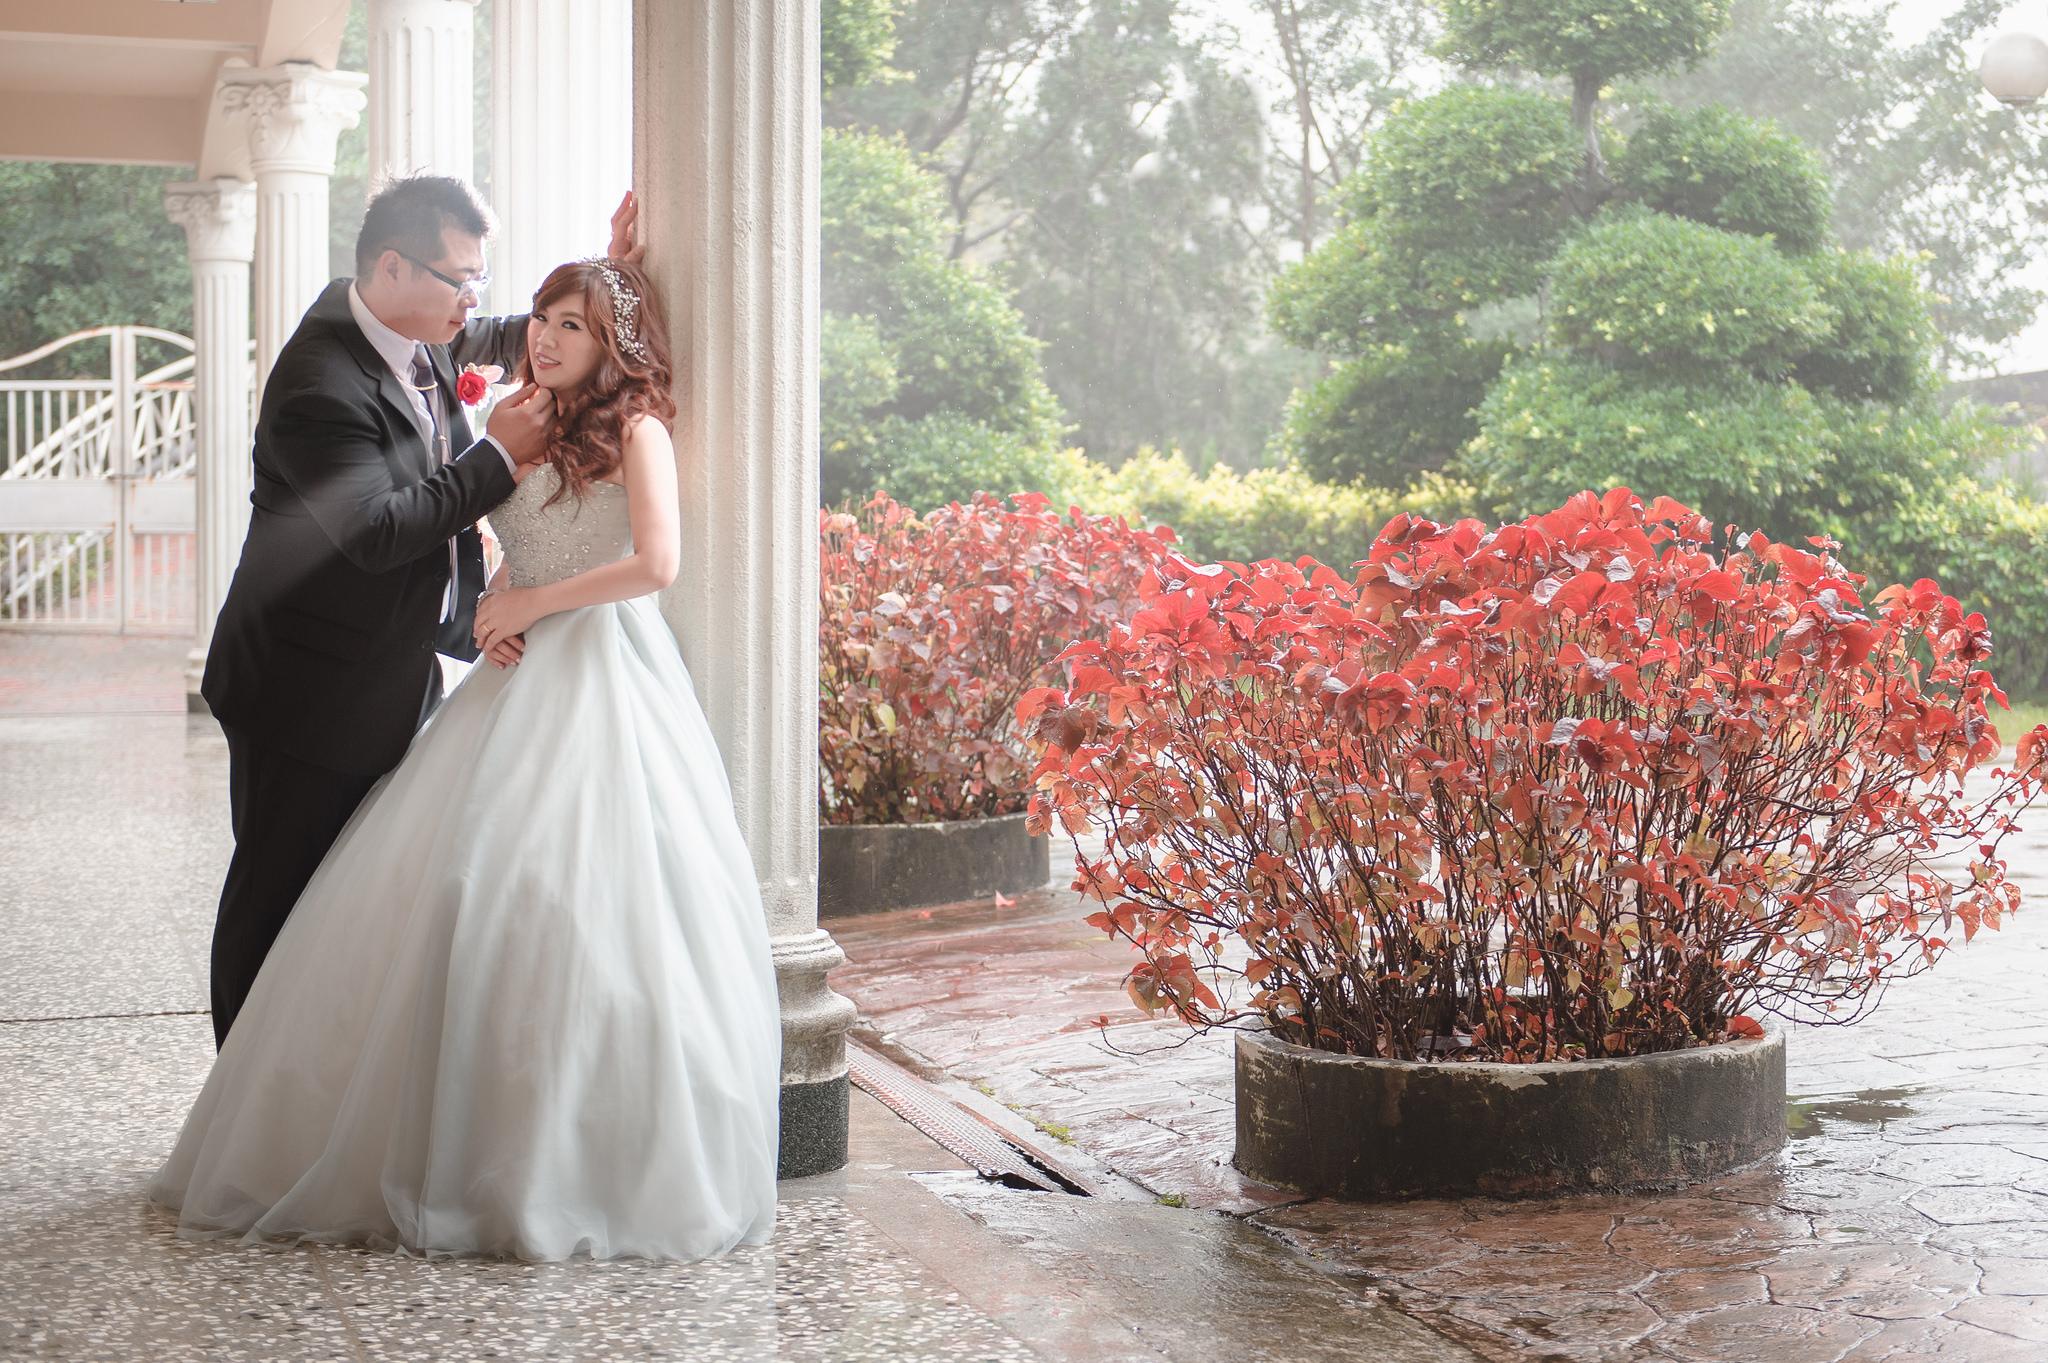  台中婚攝  乃哥&Amy 婚禮紀錄  香格里拉樂園